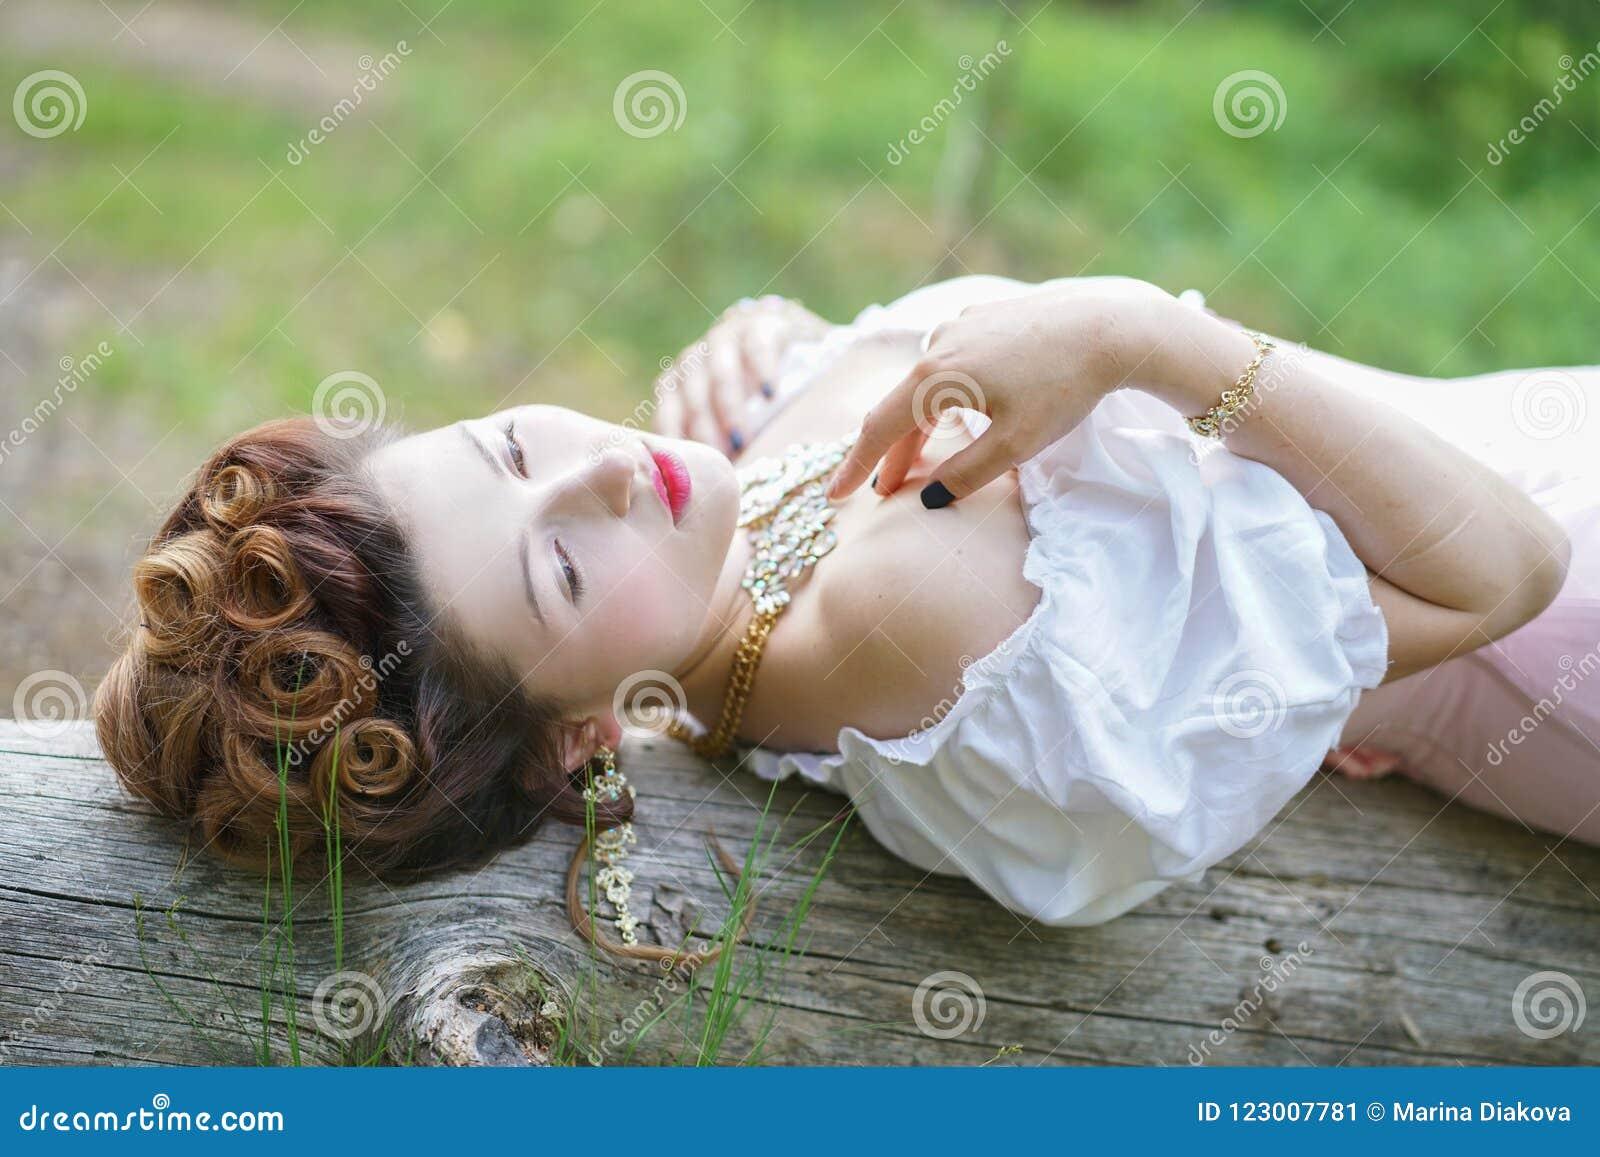 Όμορφη νέα chubby τοποθέτηση κοριτσιών στο μεσαιωνικό αναδρομικό κορσέ και άσπρο εκλεκτής ποιότητας lingerie στο δάσος